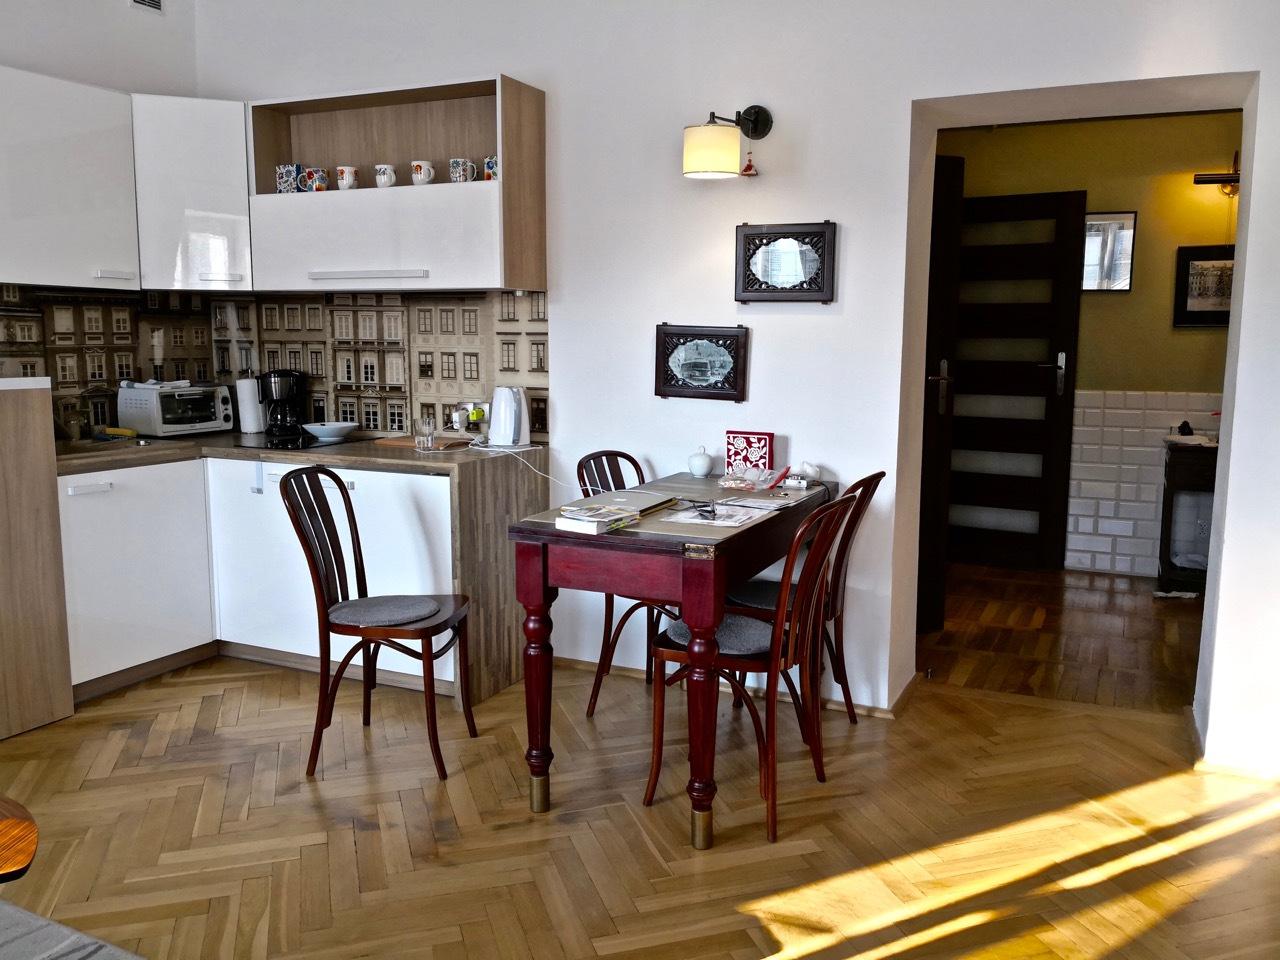 华沙图集:我住过评分最高的公寓,还有那台老式唱机,太有感觉